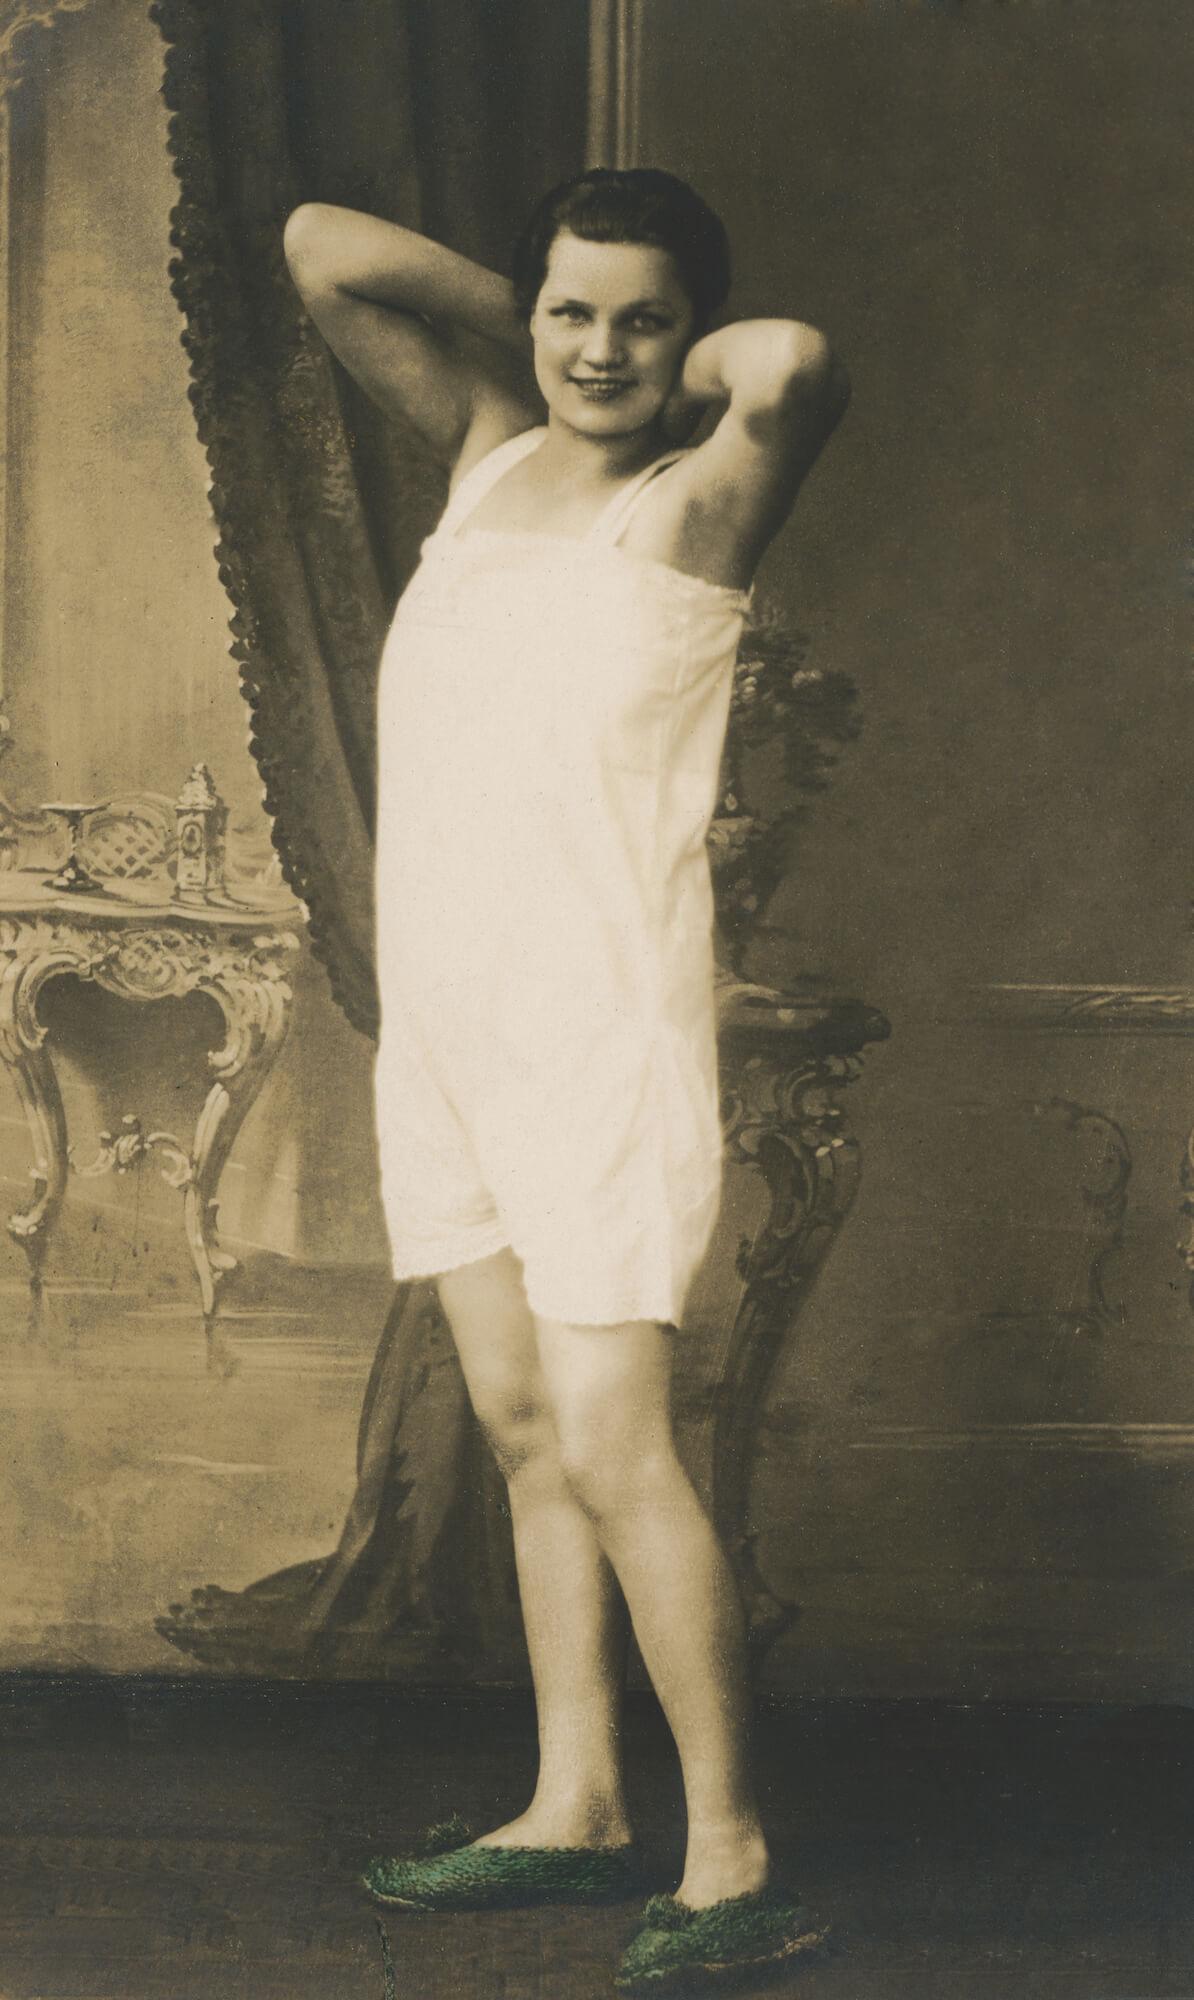 Eros i Tanatos. Bydgoskie pionierki fotografii zawodowej 1888-1945